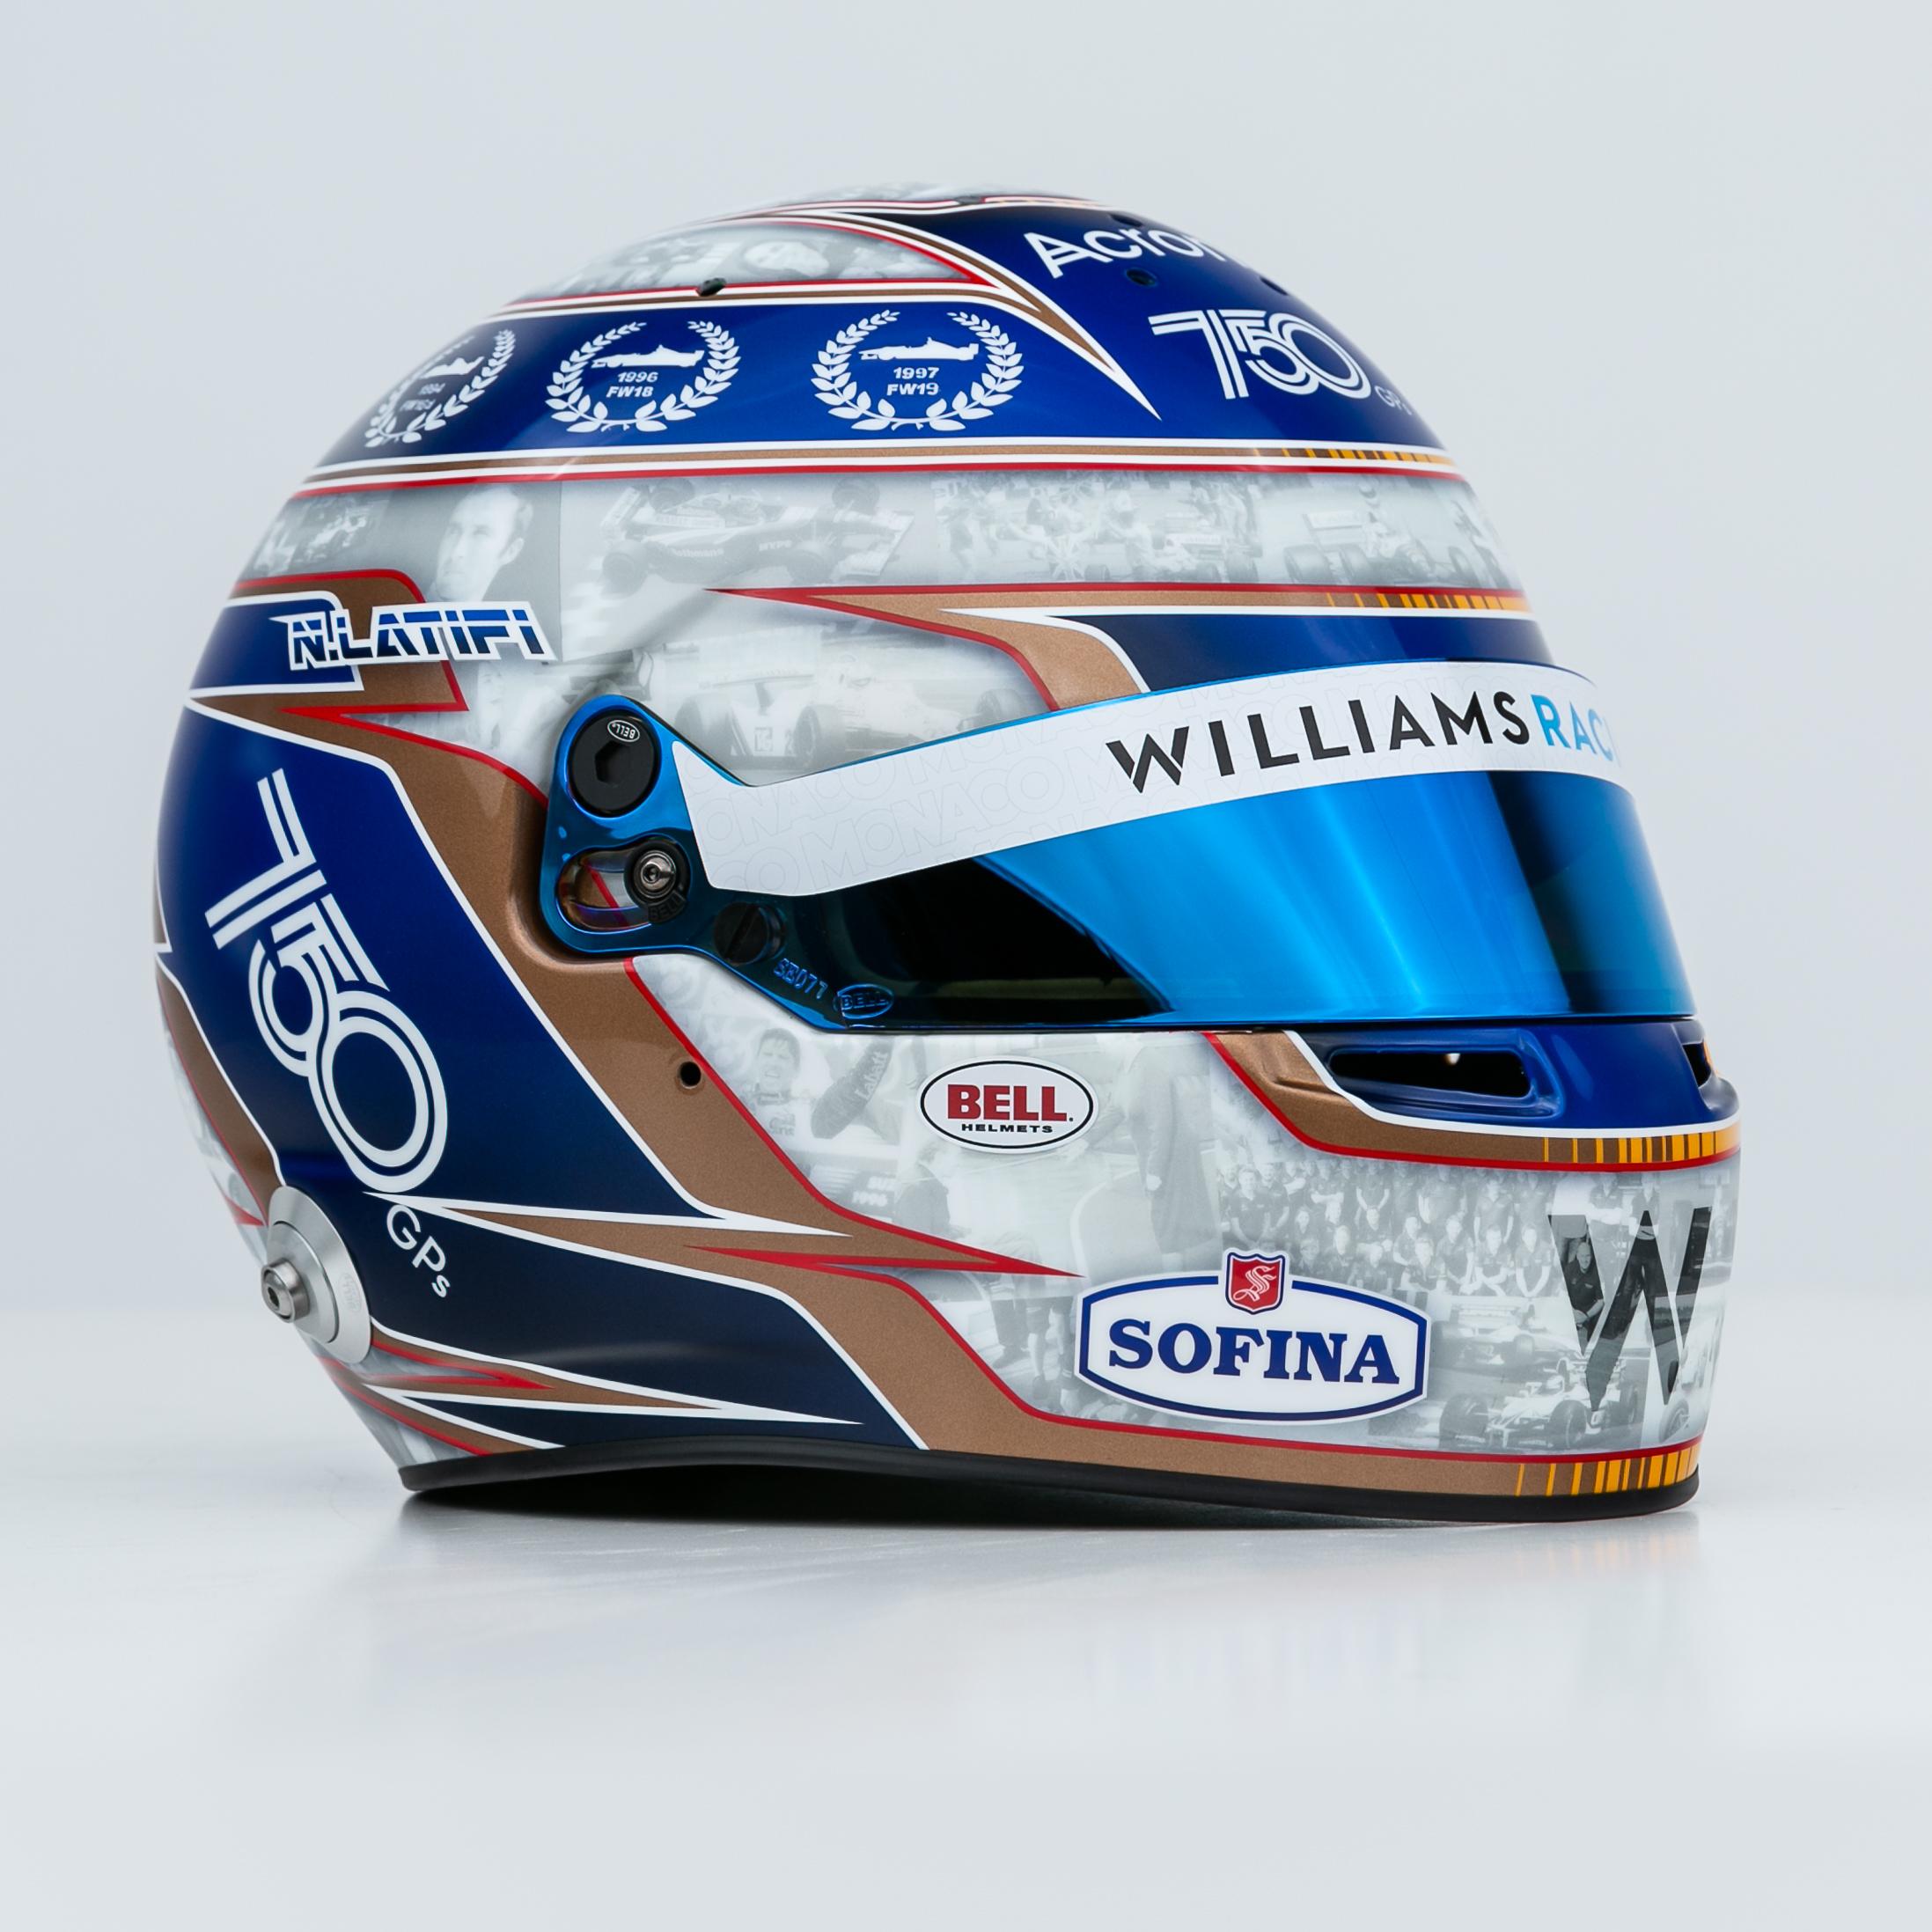 Nicholas Latifi 2021 Monaco Grand Prix helmet